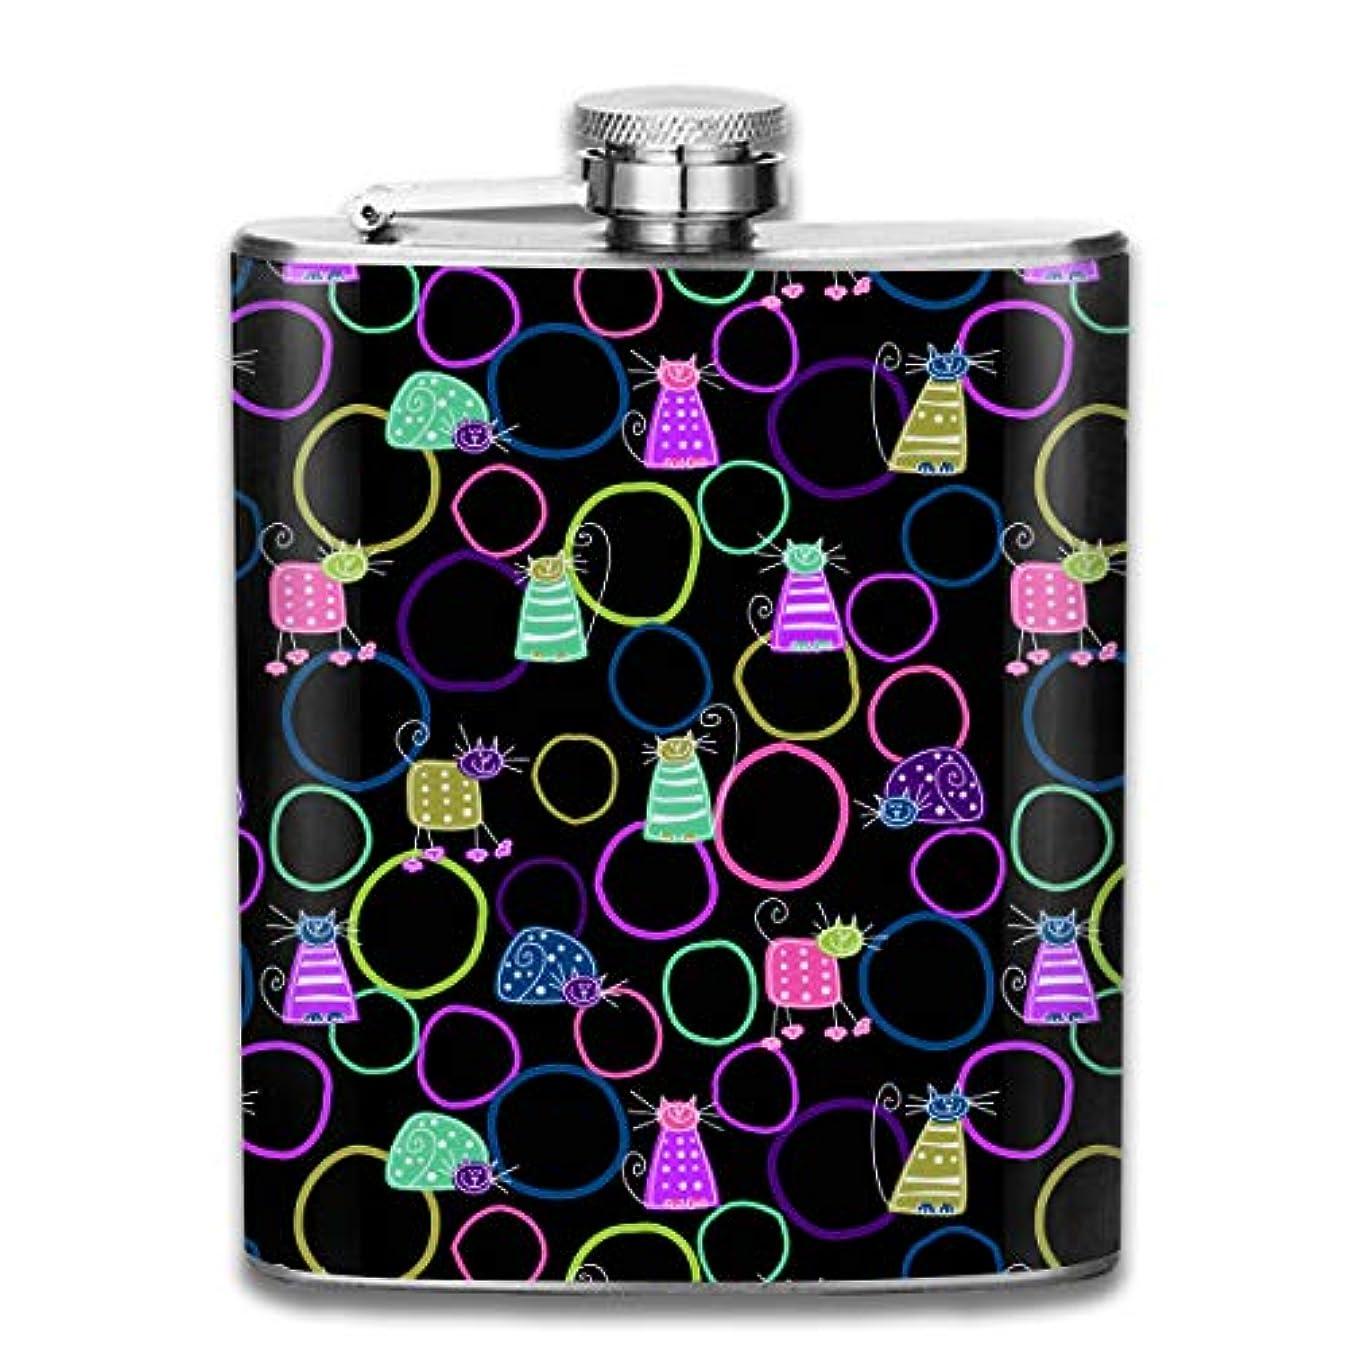 非難する無実電話に出る猫柄 フラスコ スキットル ヒップフラスコ 7オンス 206ml 高品質ステンレス製 ウイスキー アルコール 清酒 携帯 ボトル